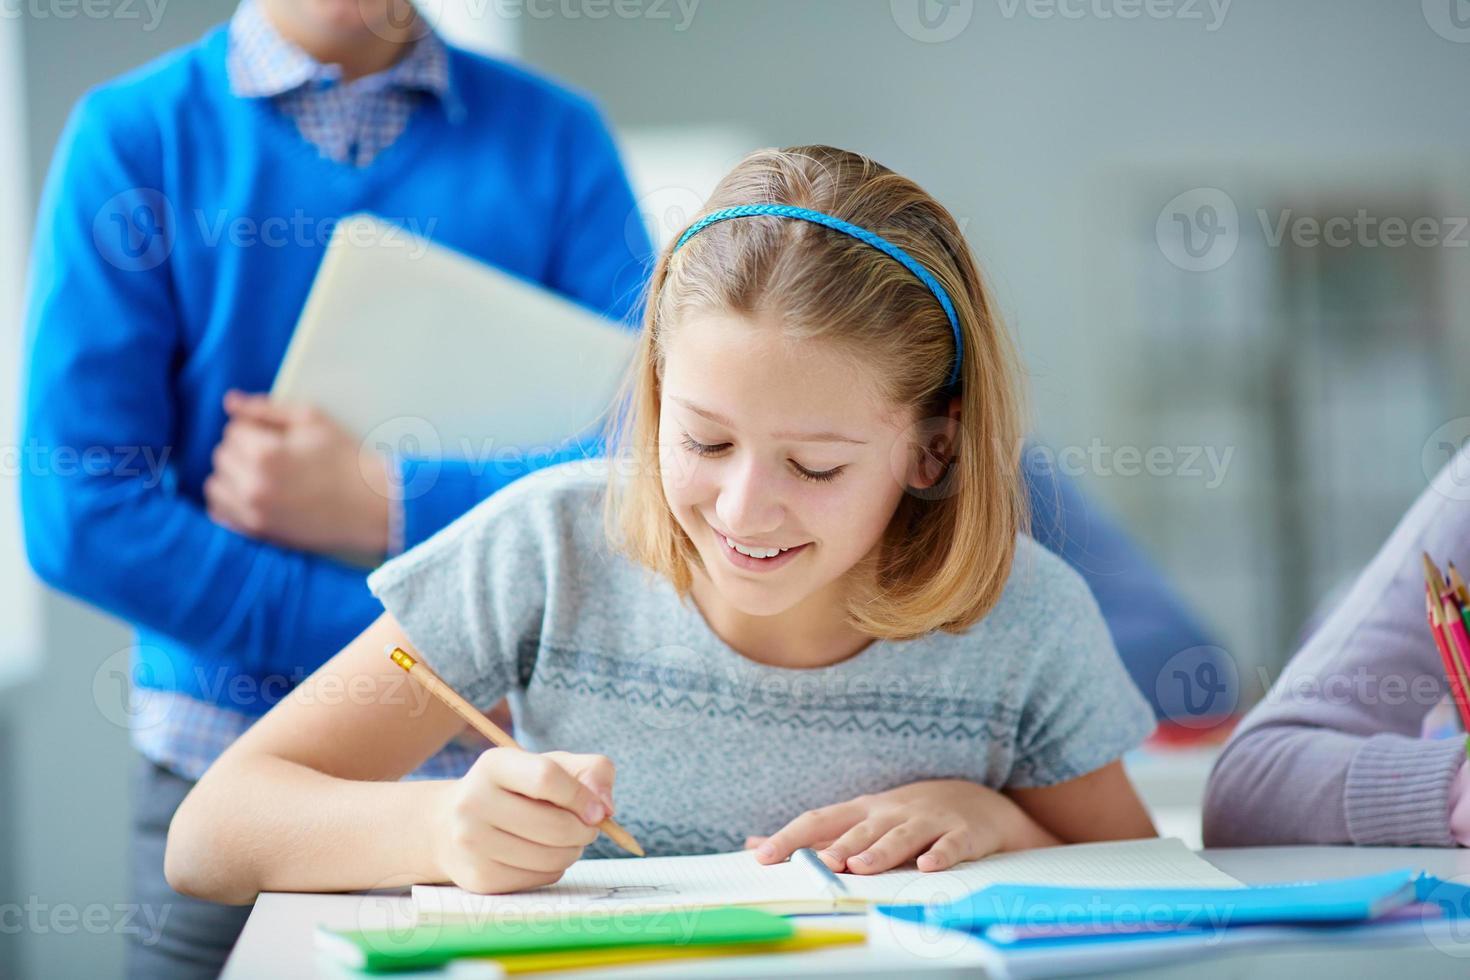 meisje tekenen foto